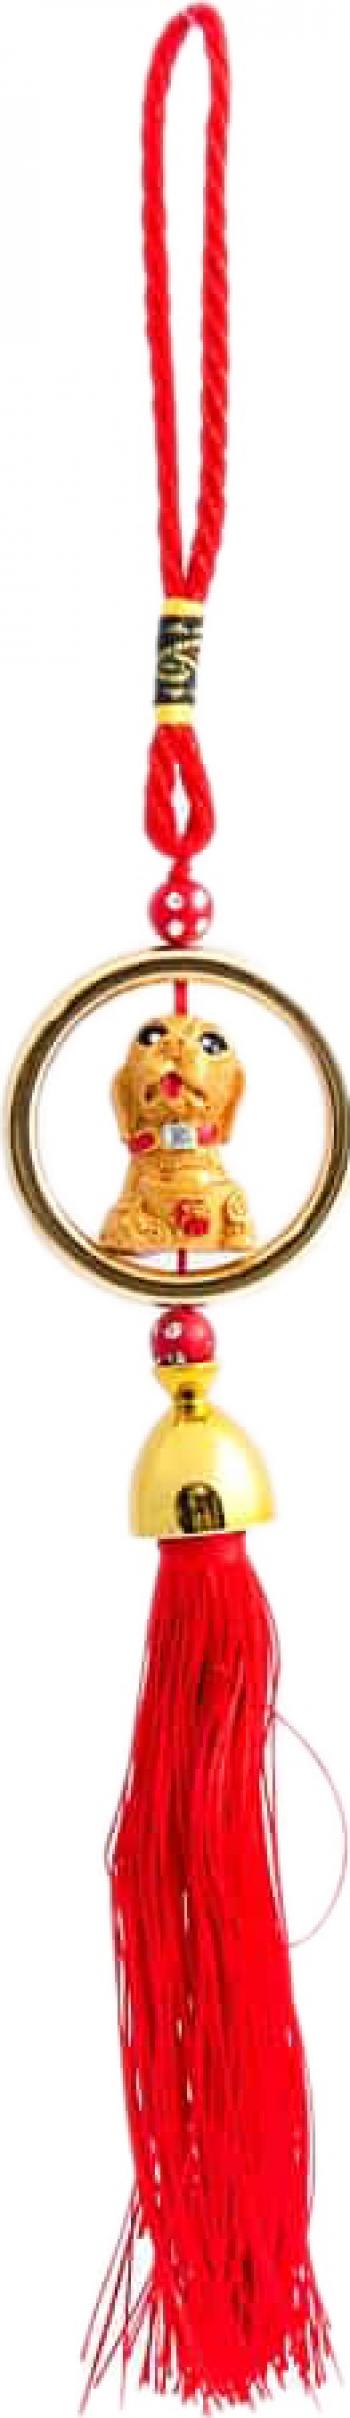 Amuleta cu caine auriu cu pepita remediu Feng Shui din Rasina 330 mm lungime